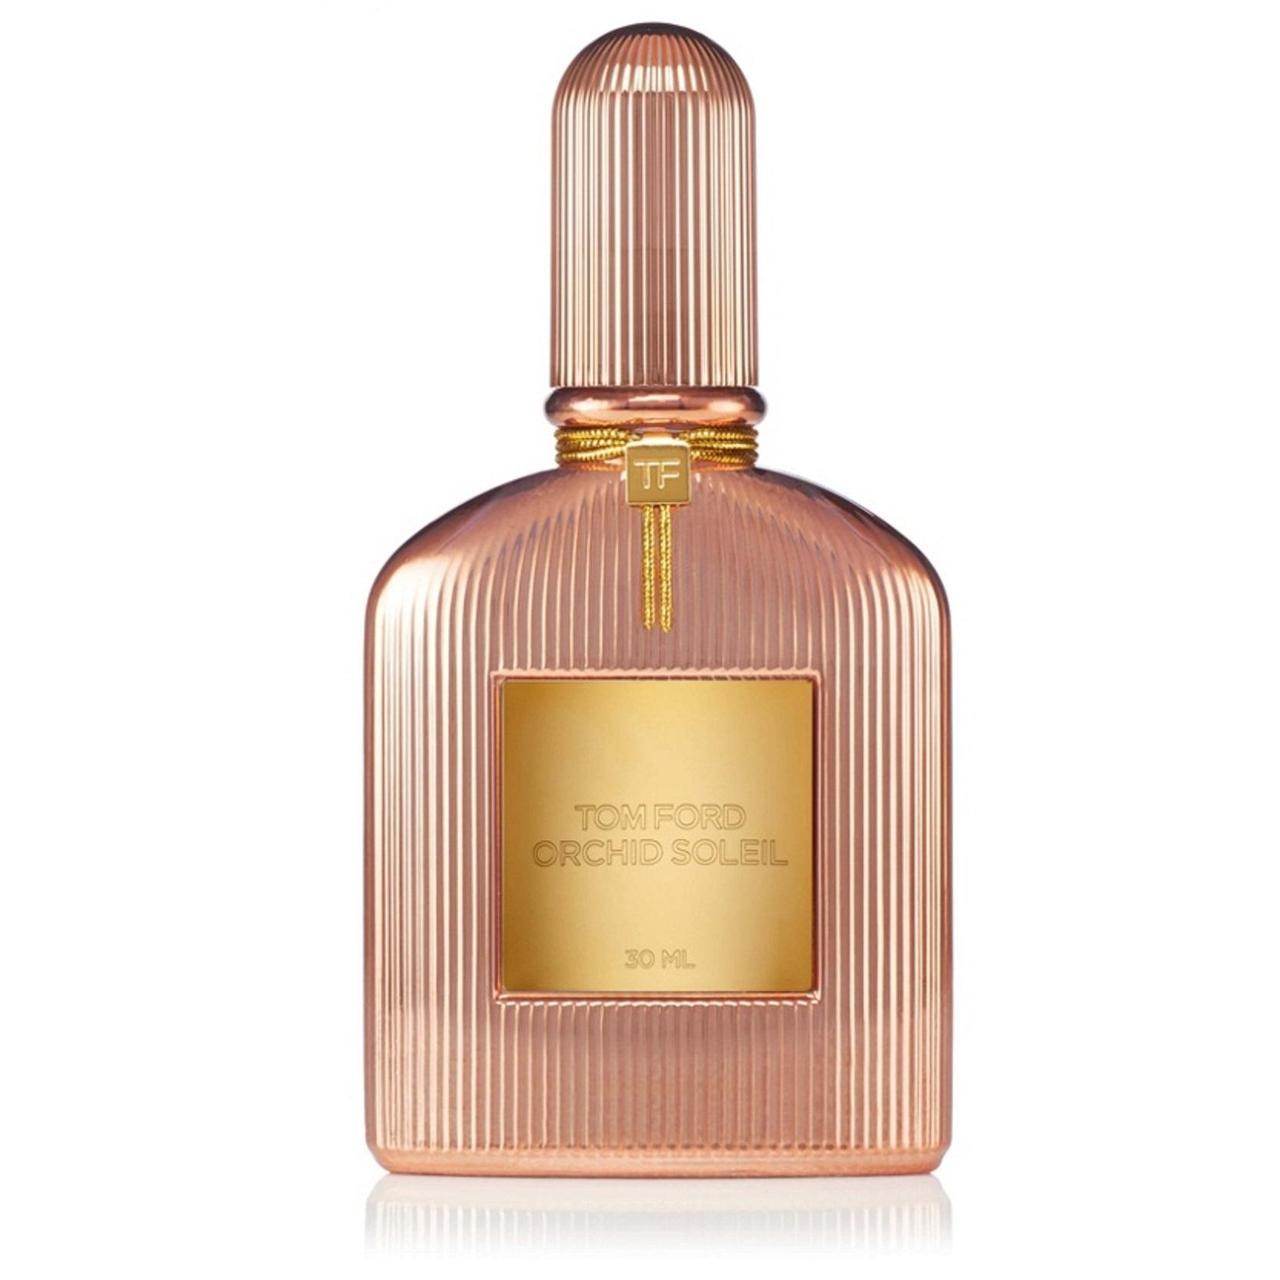 An image of Tom Ford Orchid Soleil Eau De Parfum